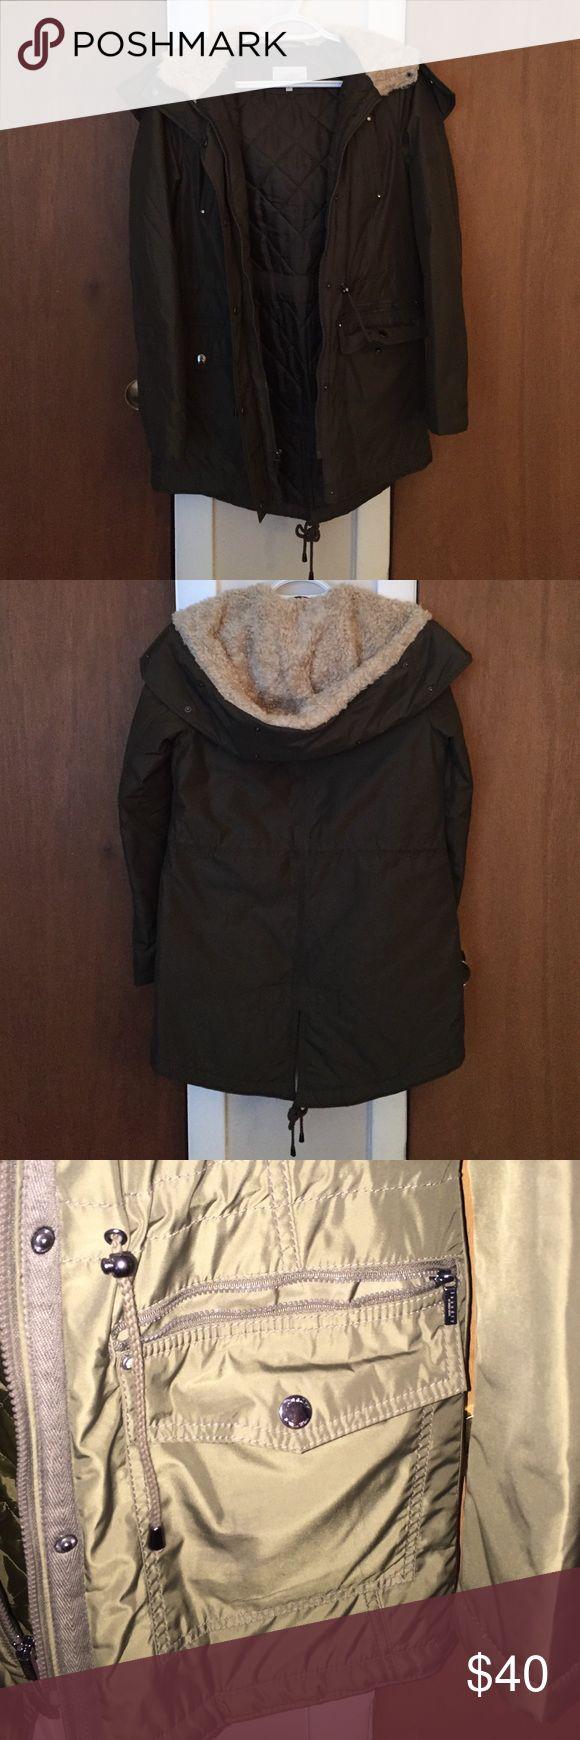 Laundry Winter Jacket Dark green Laundry Jacket - fur not detachable Laundry by Shelli Segal Jackets & Coats